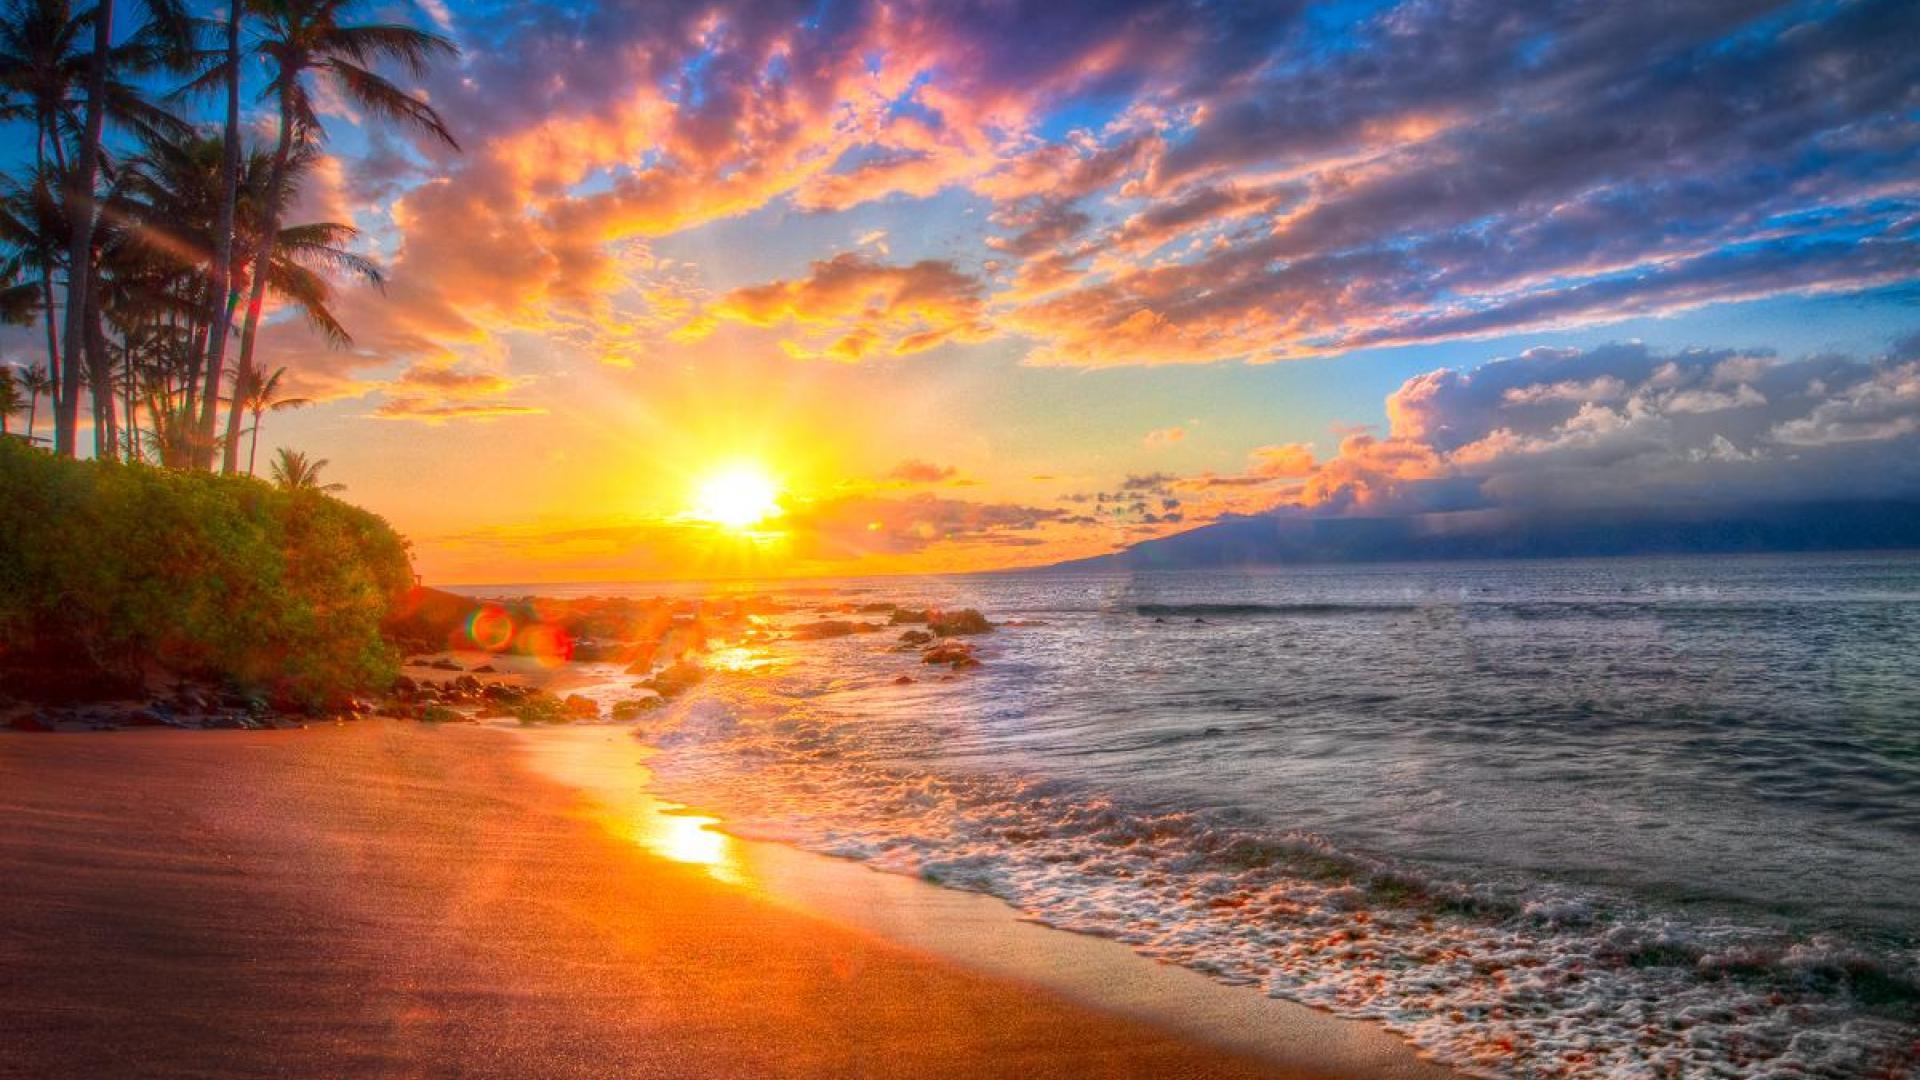 Αυτές είναι οι 5 πιο εντυπωσιακές παραλίες στον κόσμο